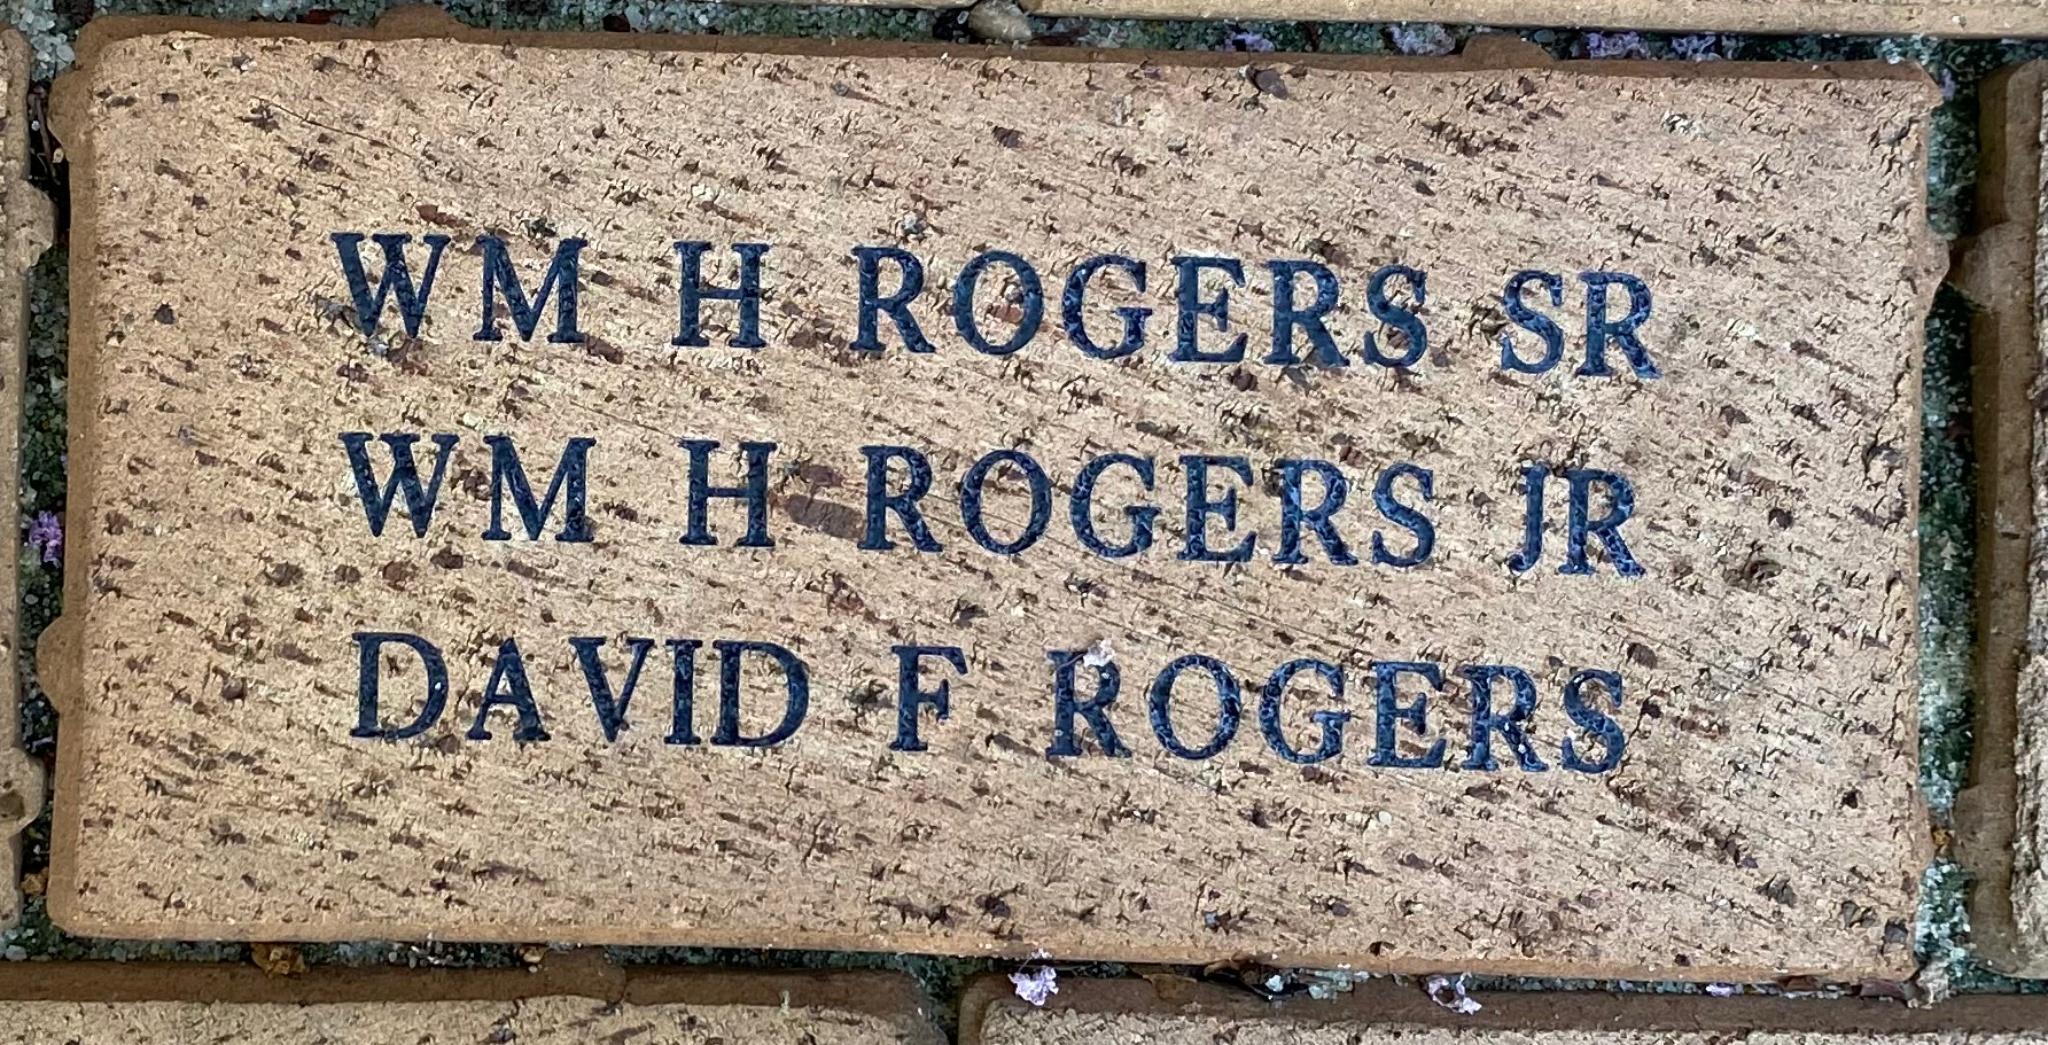 WM H ROGERS SR WM H ROGERS JR DAVID F ROGERS